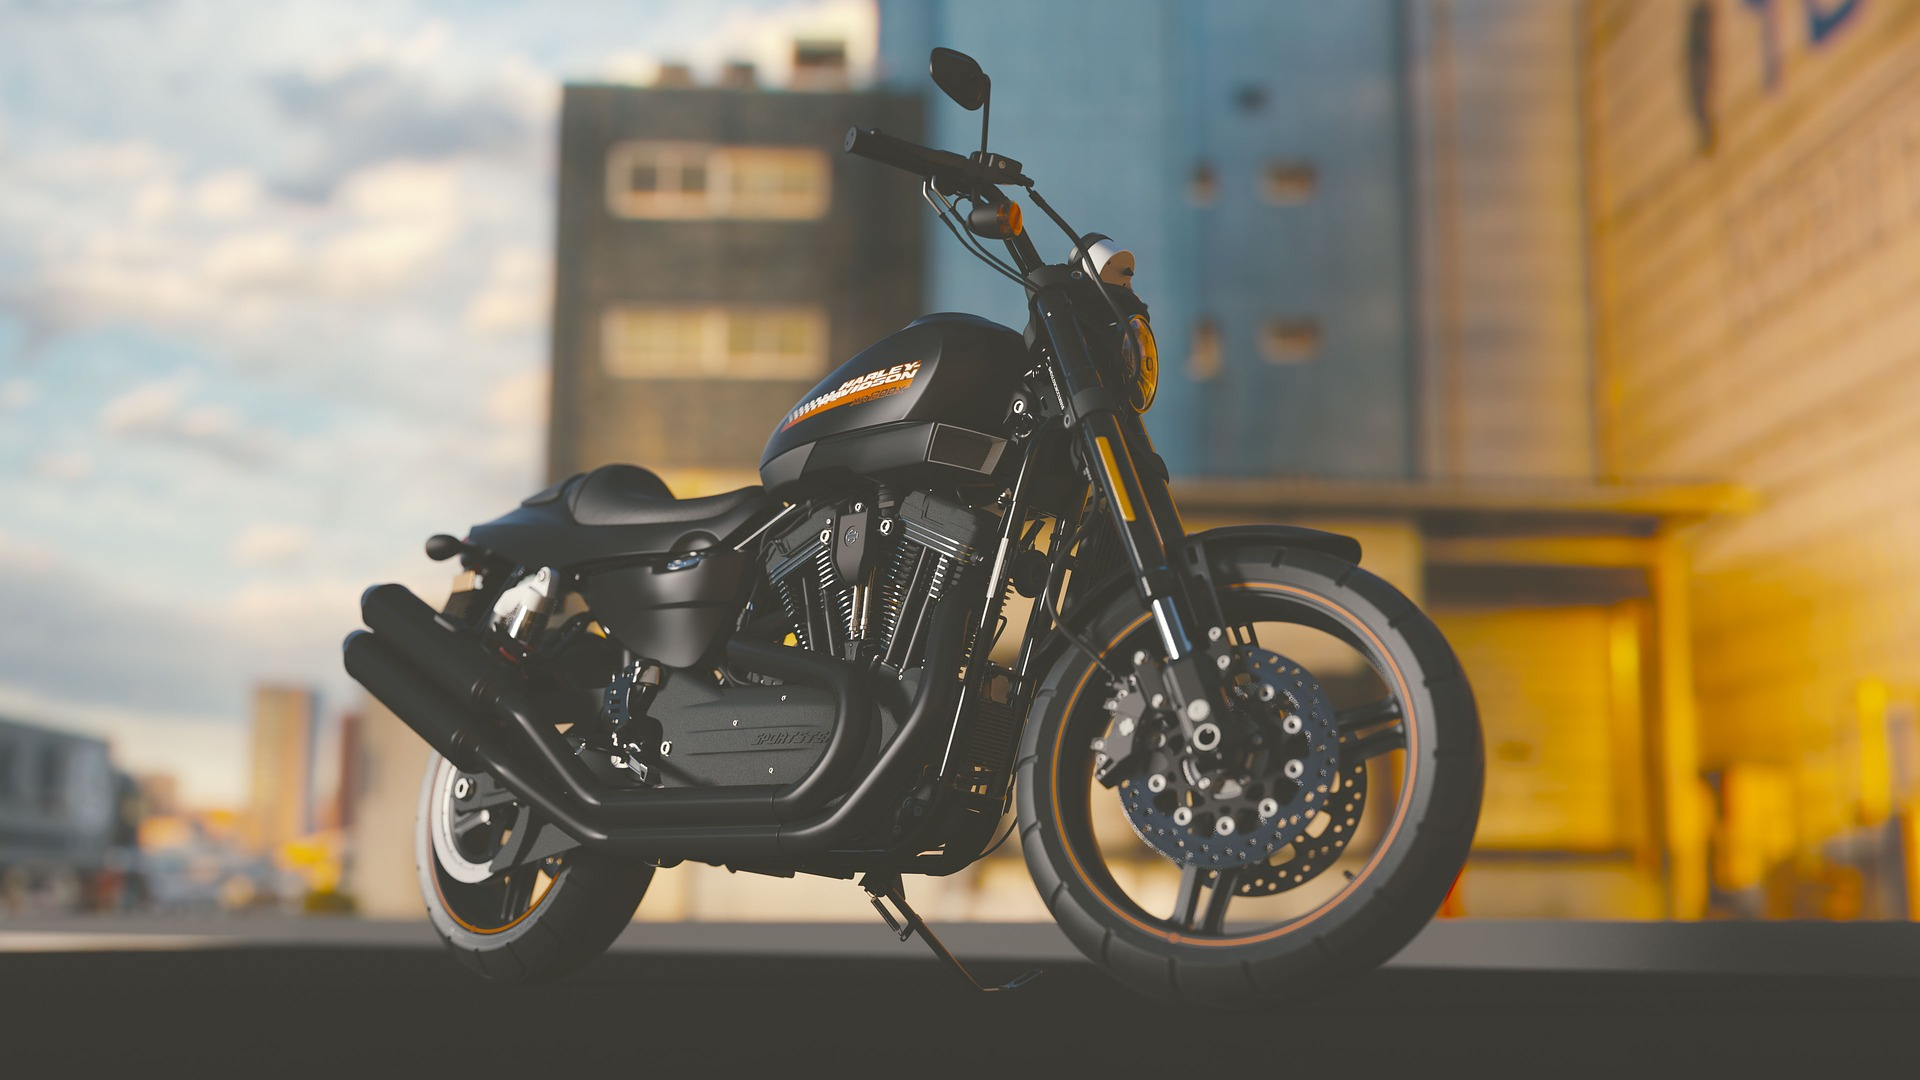 Köpa motorcykel